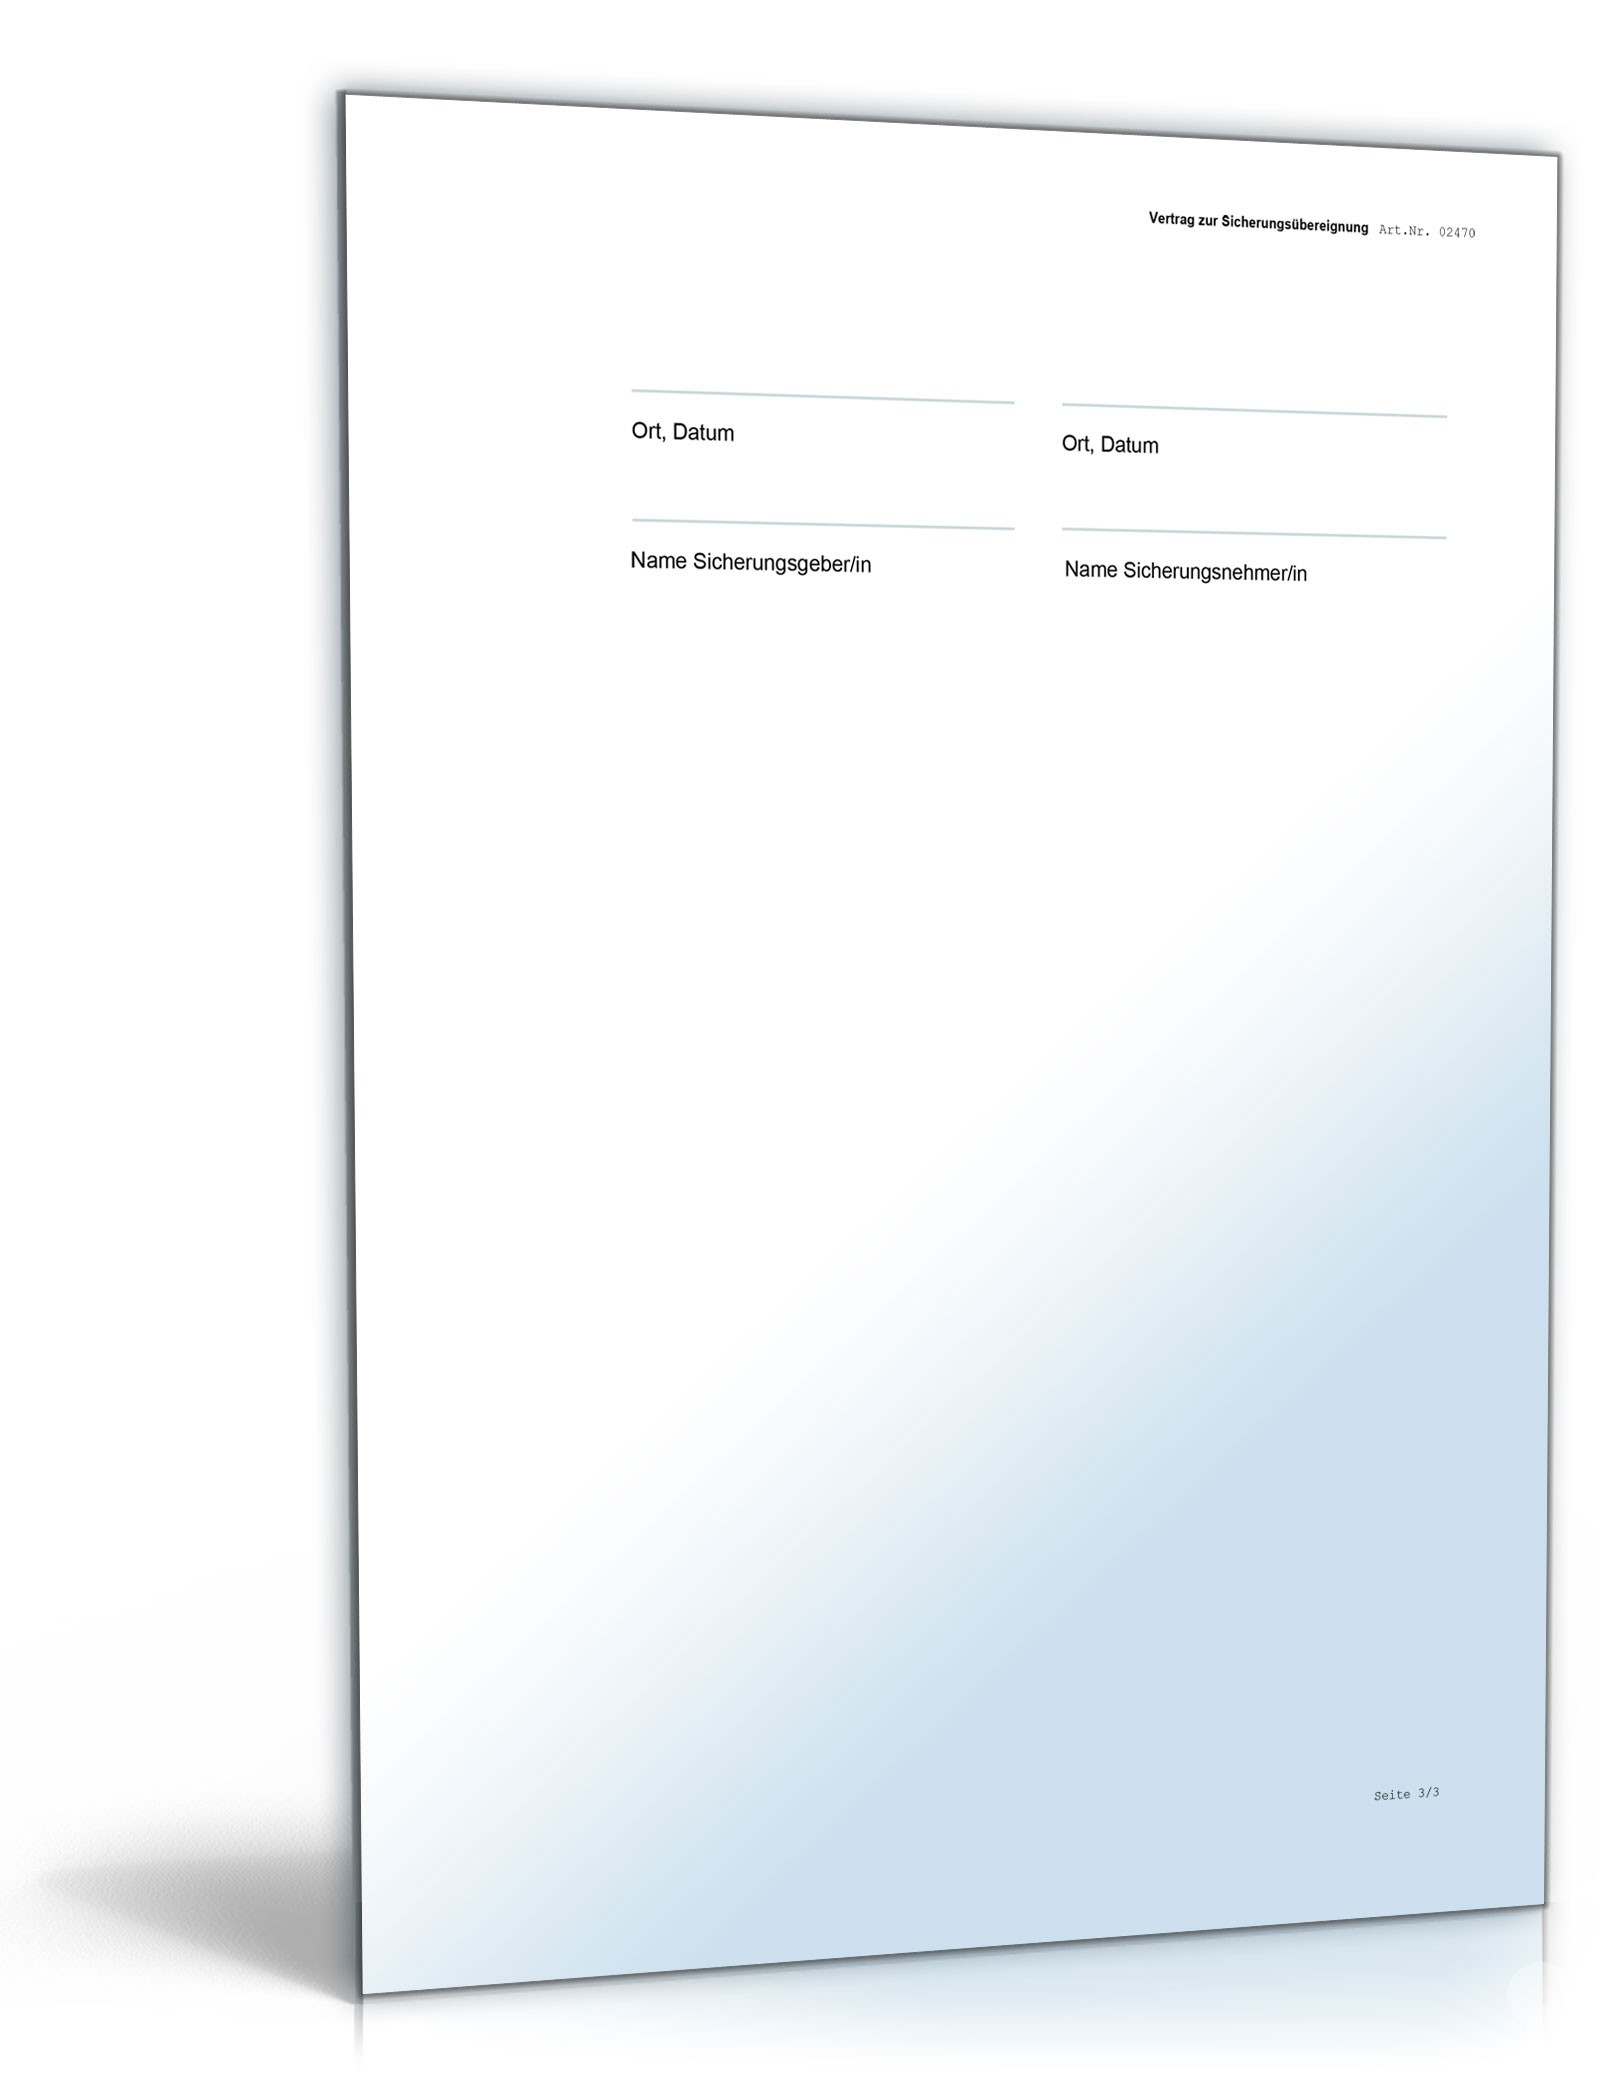 Vertrag Zur Sicherungsübereignung Muster Vorlage Zum Download